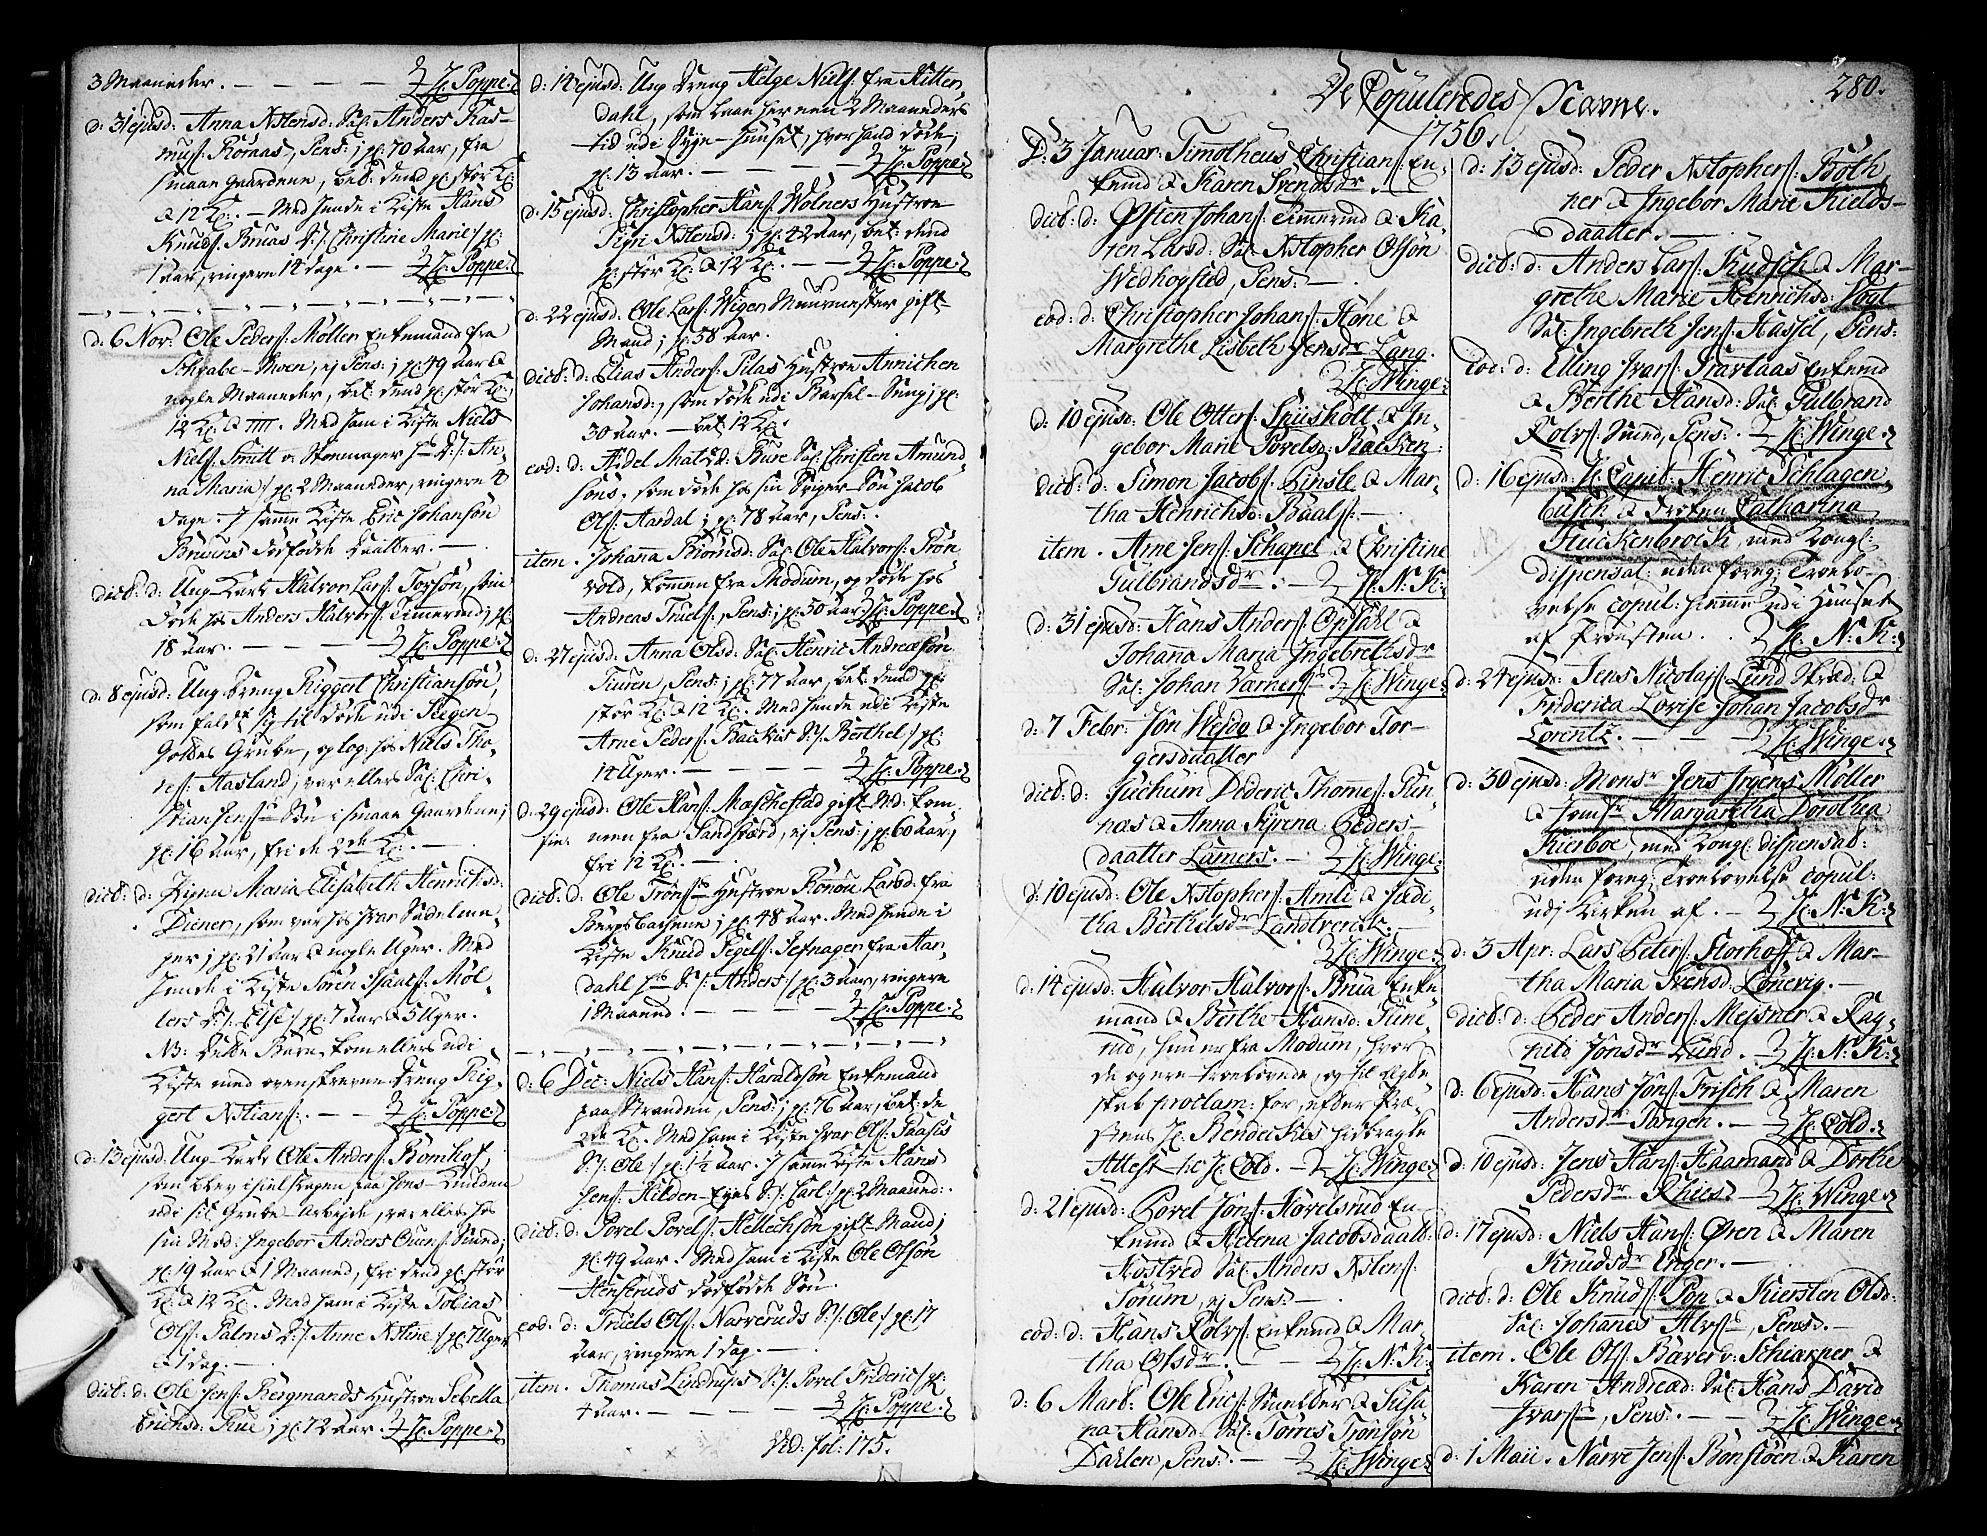 SAKO, Kongsberg kirkebøker, F/Fa/L0004: Ministerialbok nr. I 4, 1756-1768, s. 280